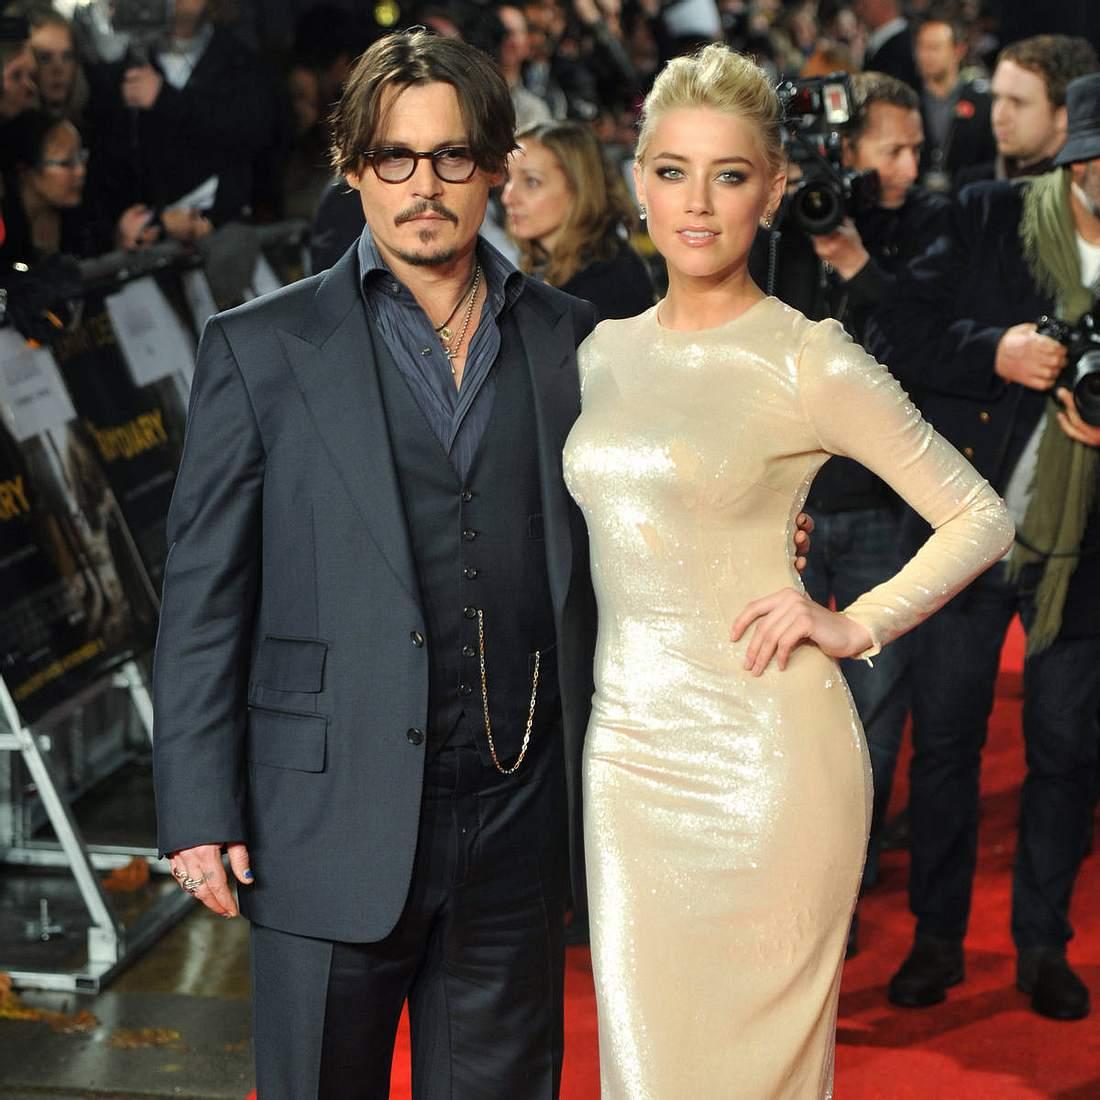 Johnny Depp von Amber Heard verlassen?